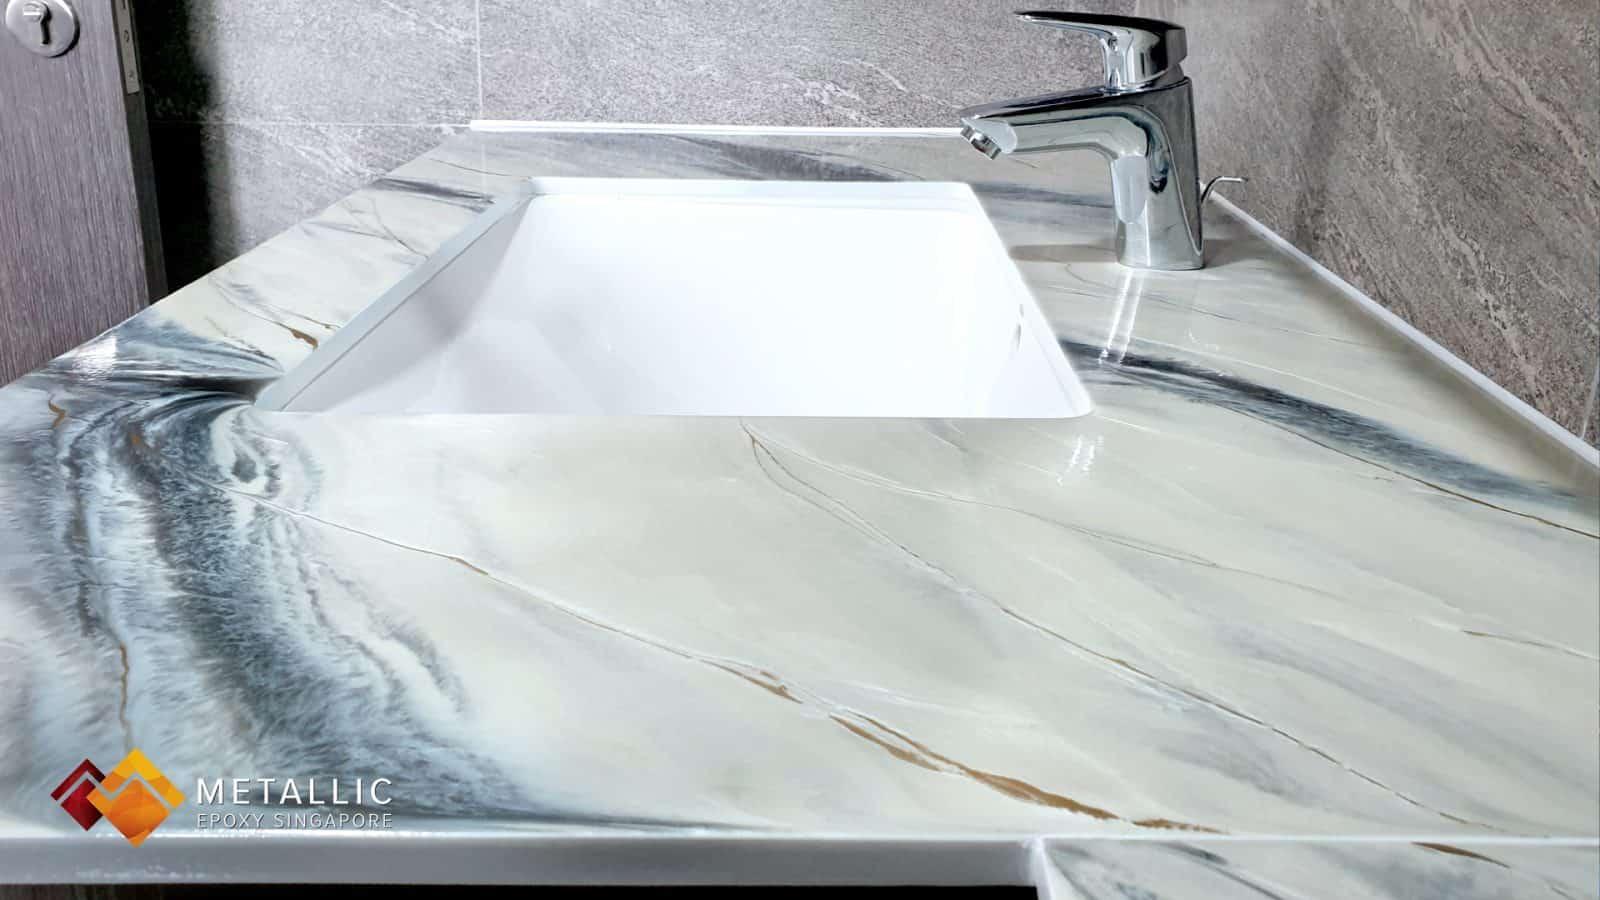 Metallic Epoxy Vanity Top